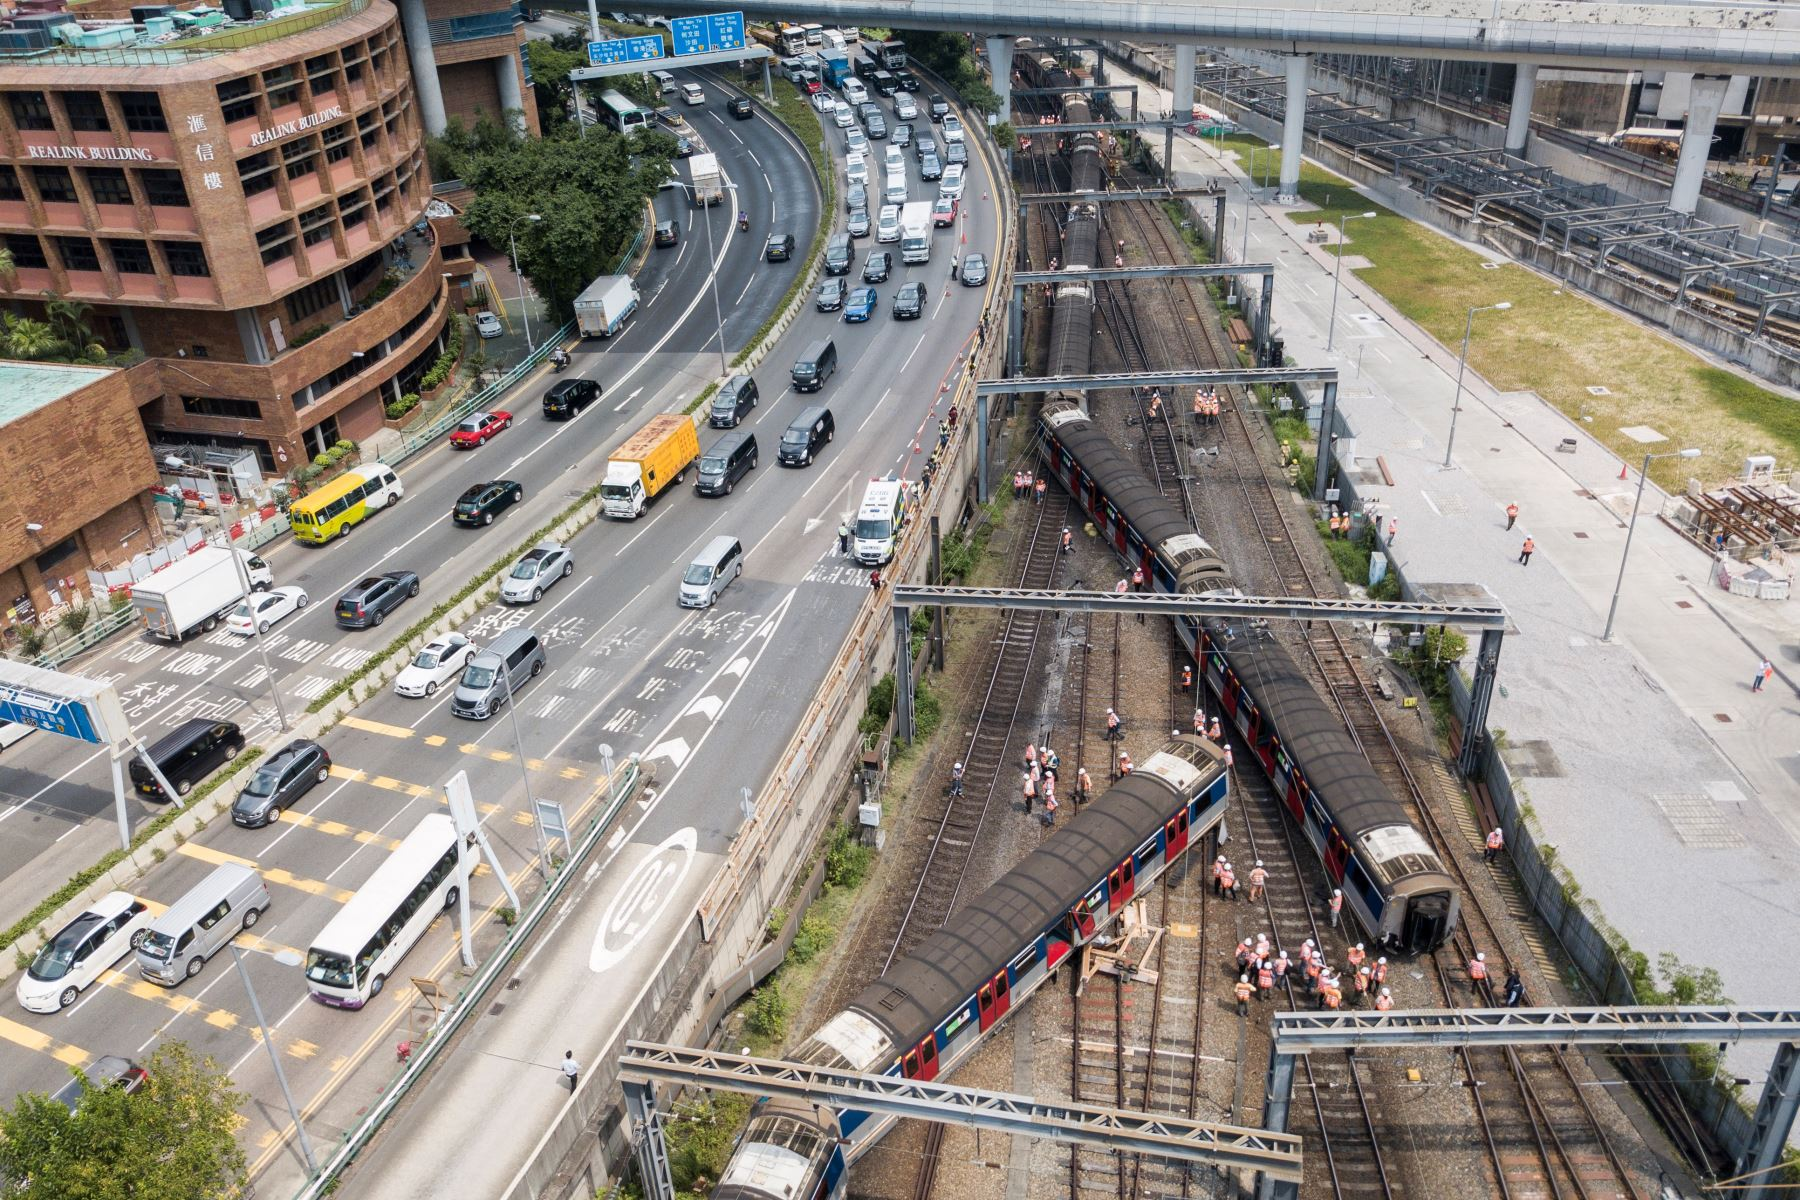 La causa del descarrilamiento estaba siendo investigada. Foto: AFP